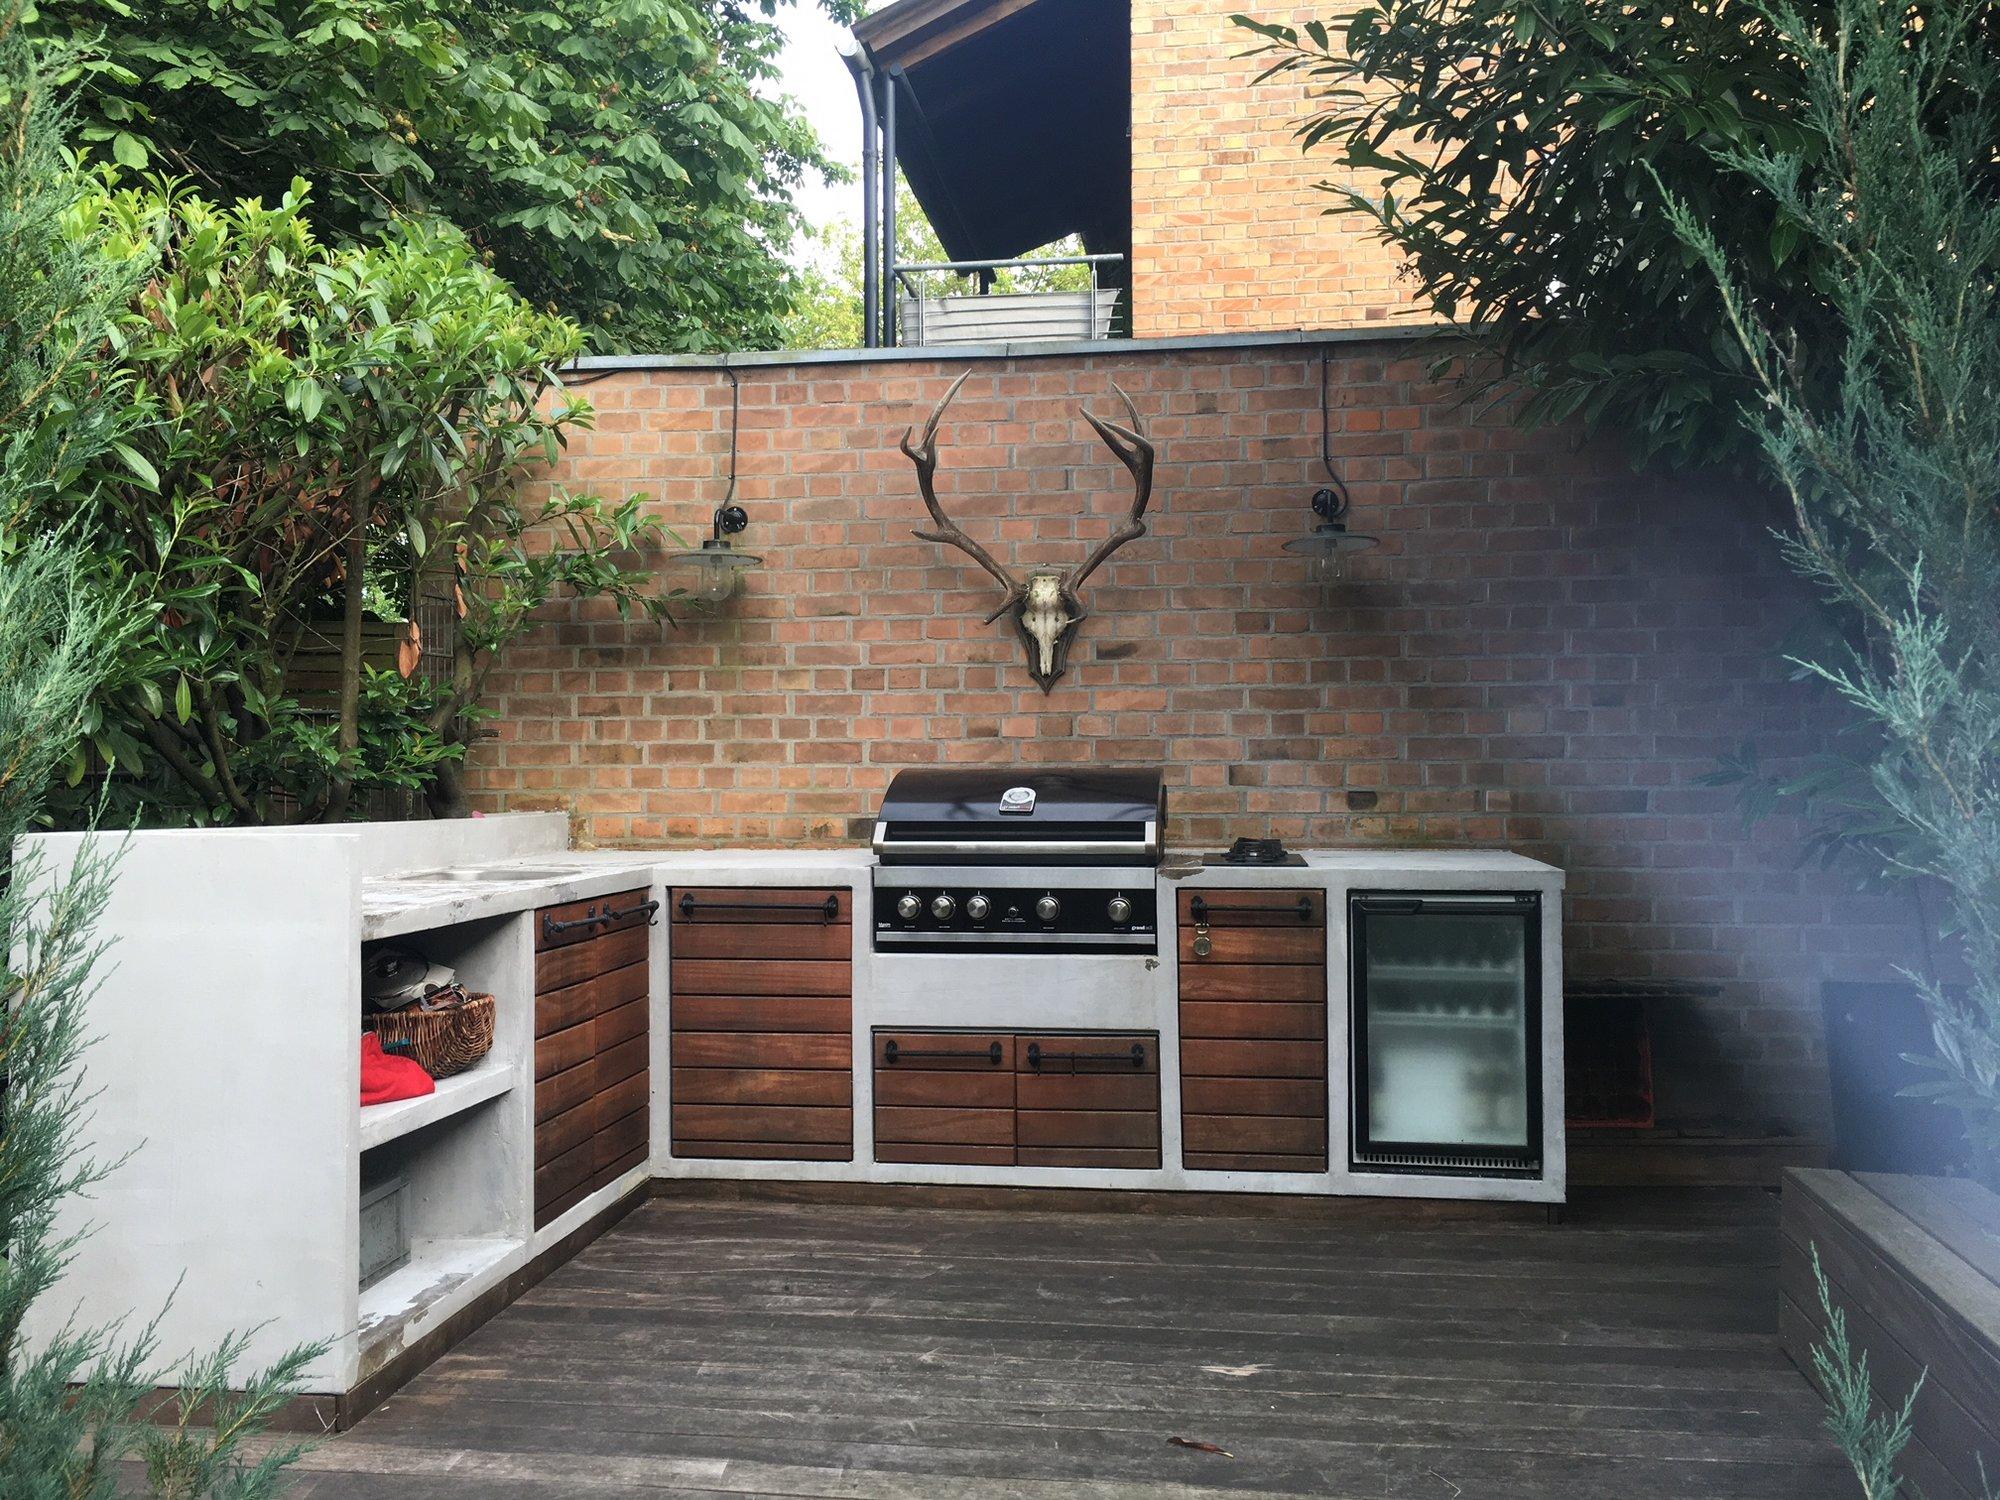 Dach Für Außenküche : Sanierung außenküche grillforum und bbq grillsportverein